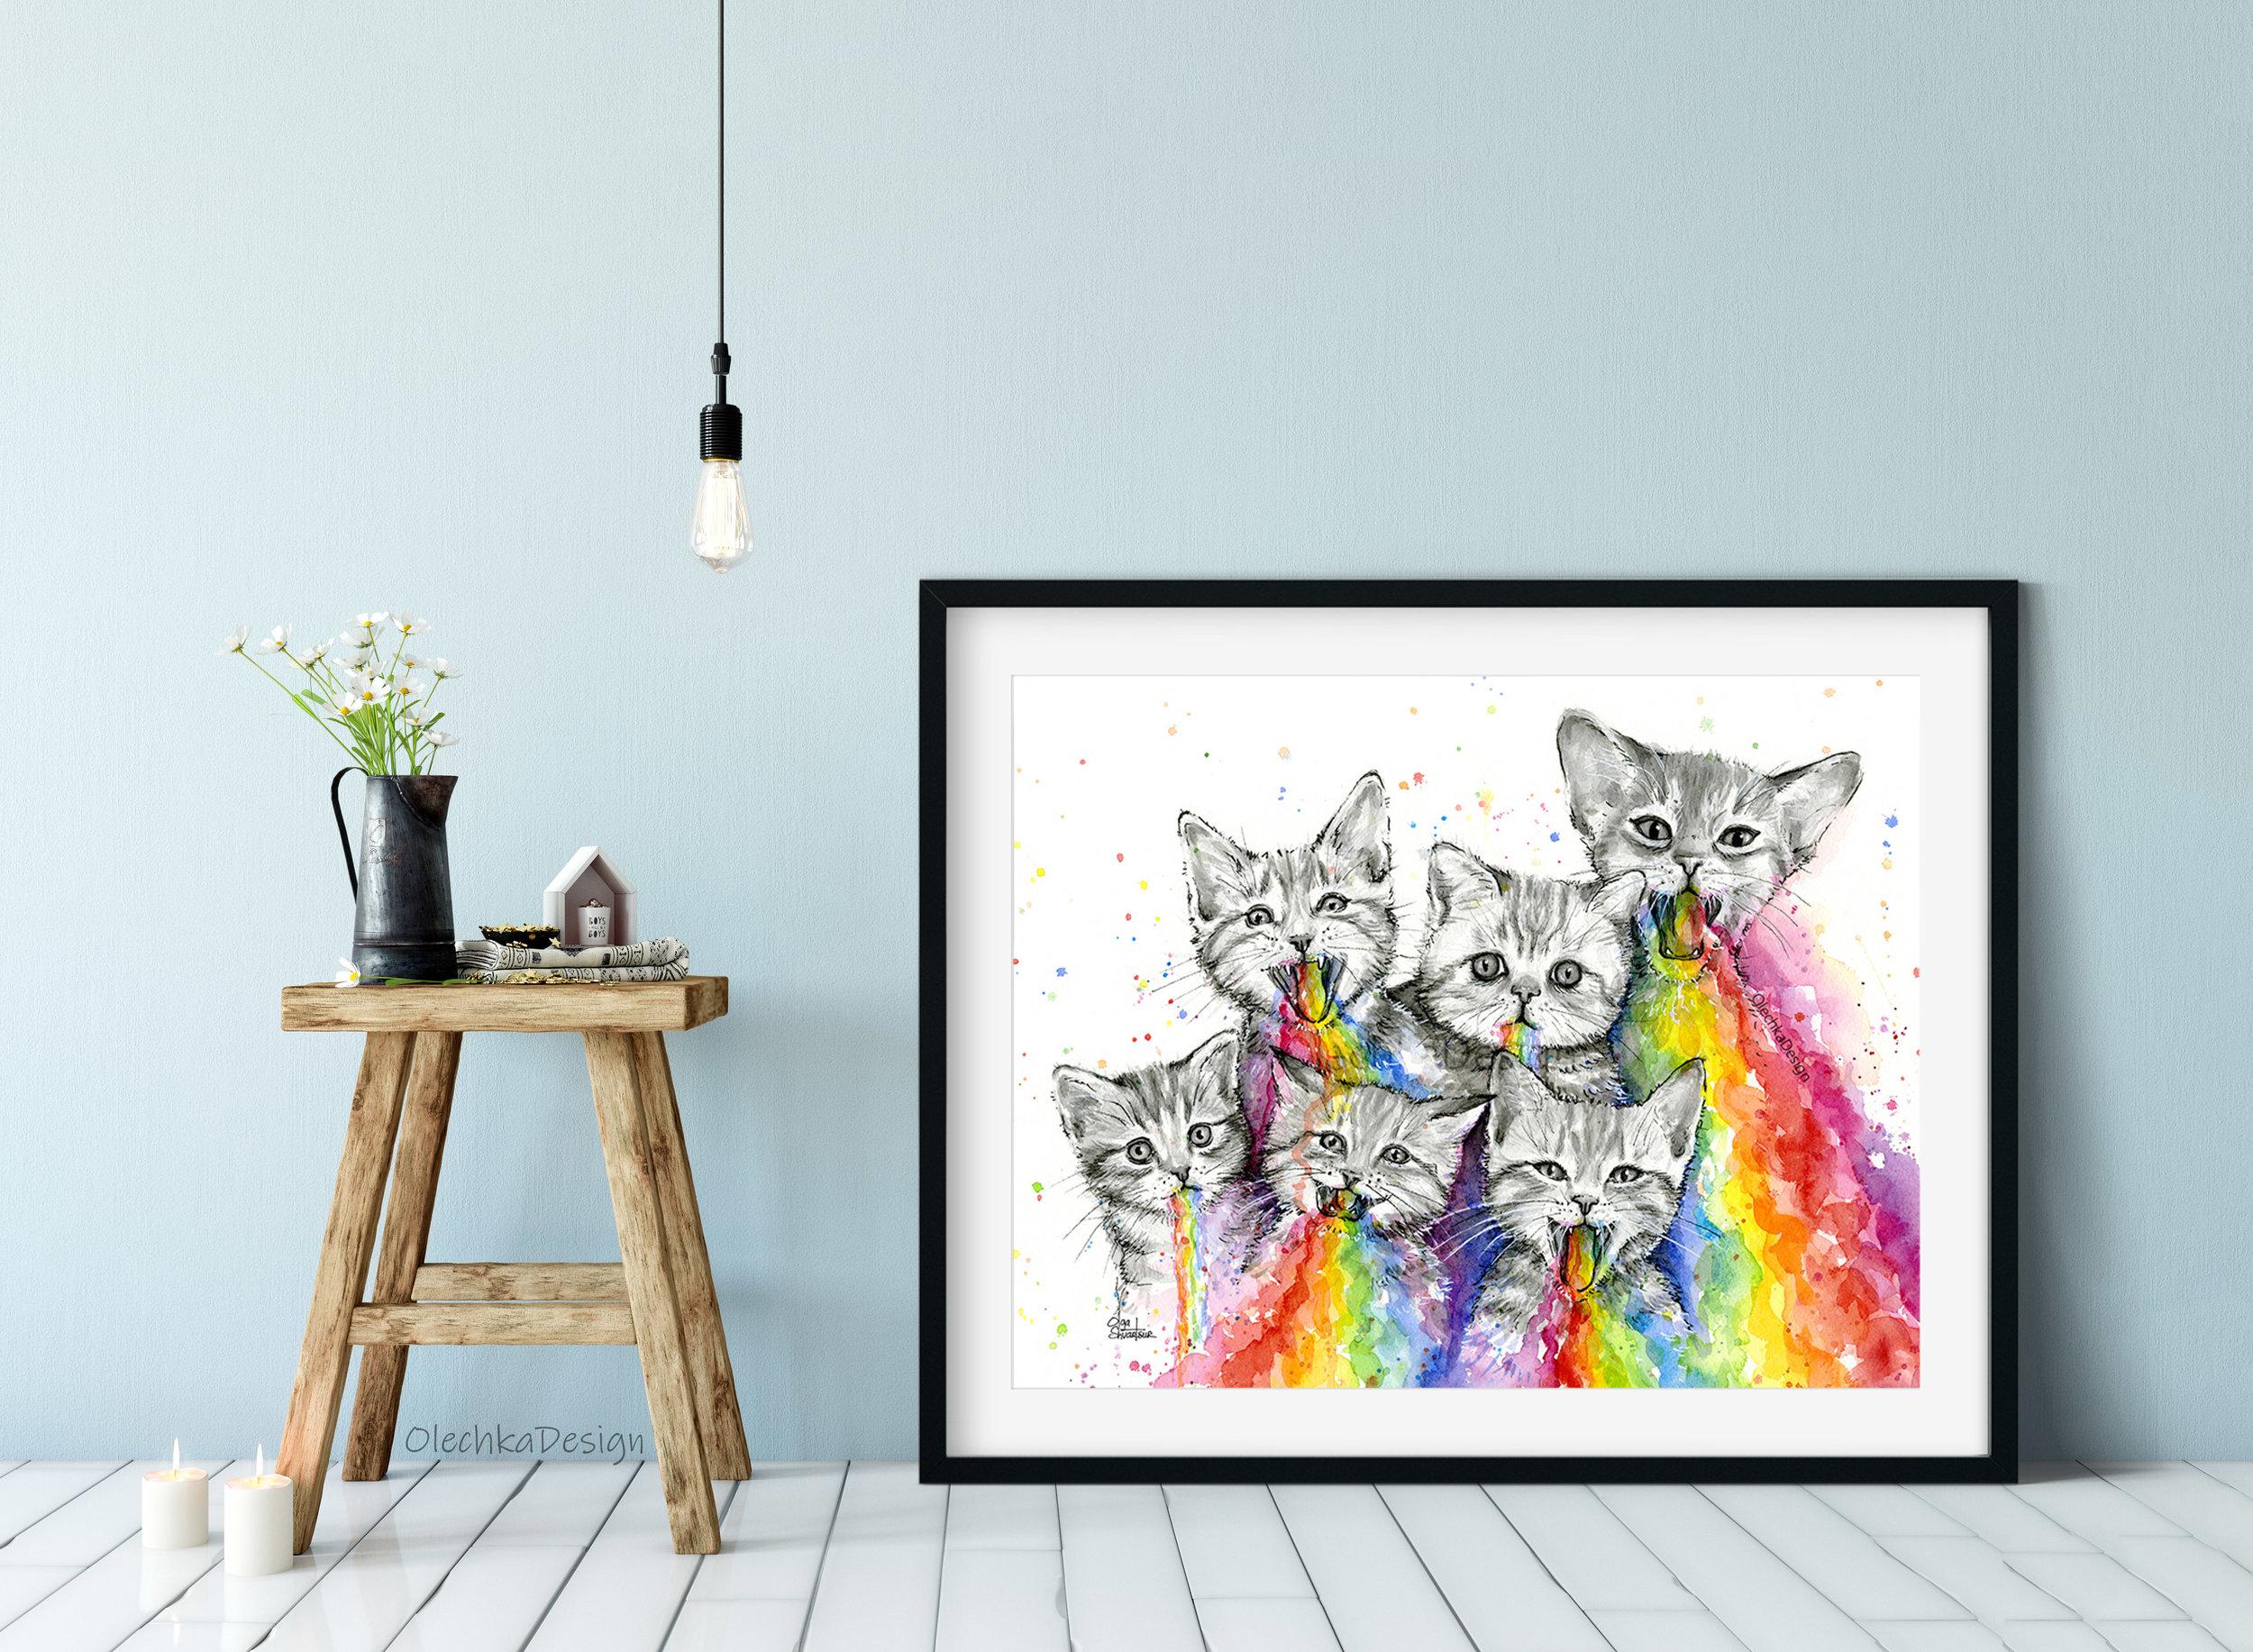 kittens-puking-rainbows-art.jpg